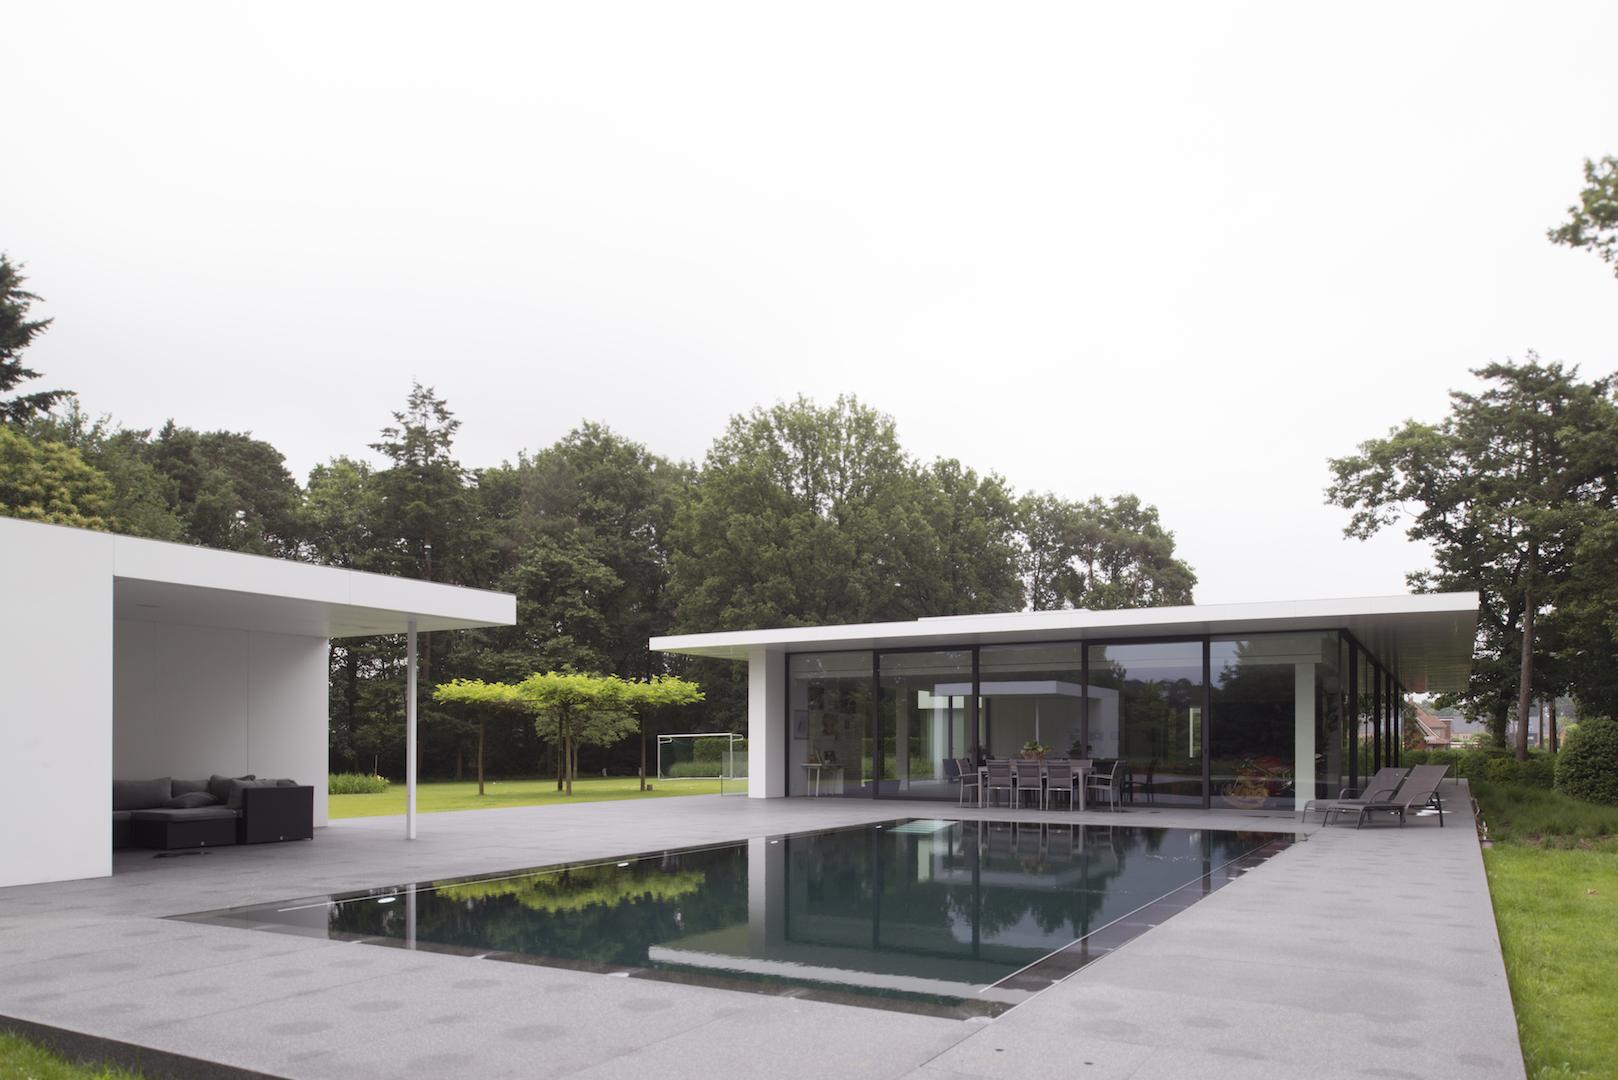 Overloopzwembad bij moderne nieuwbouw villa.